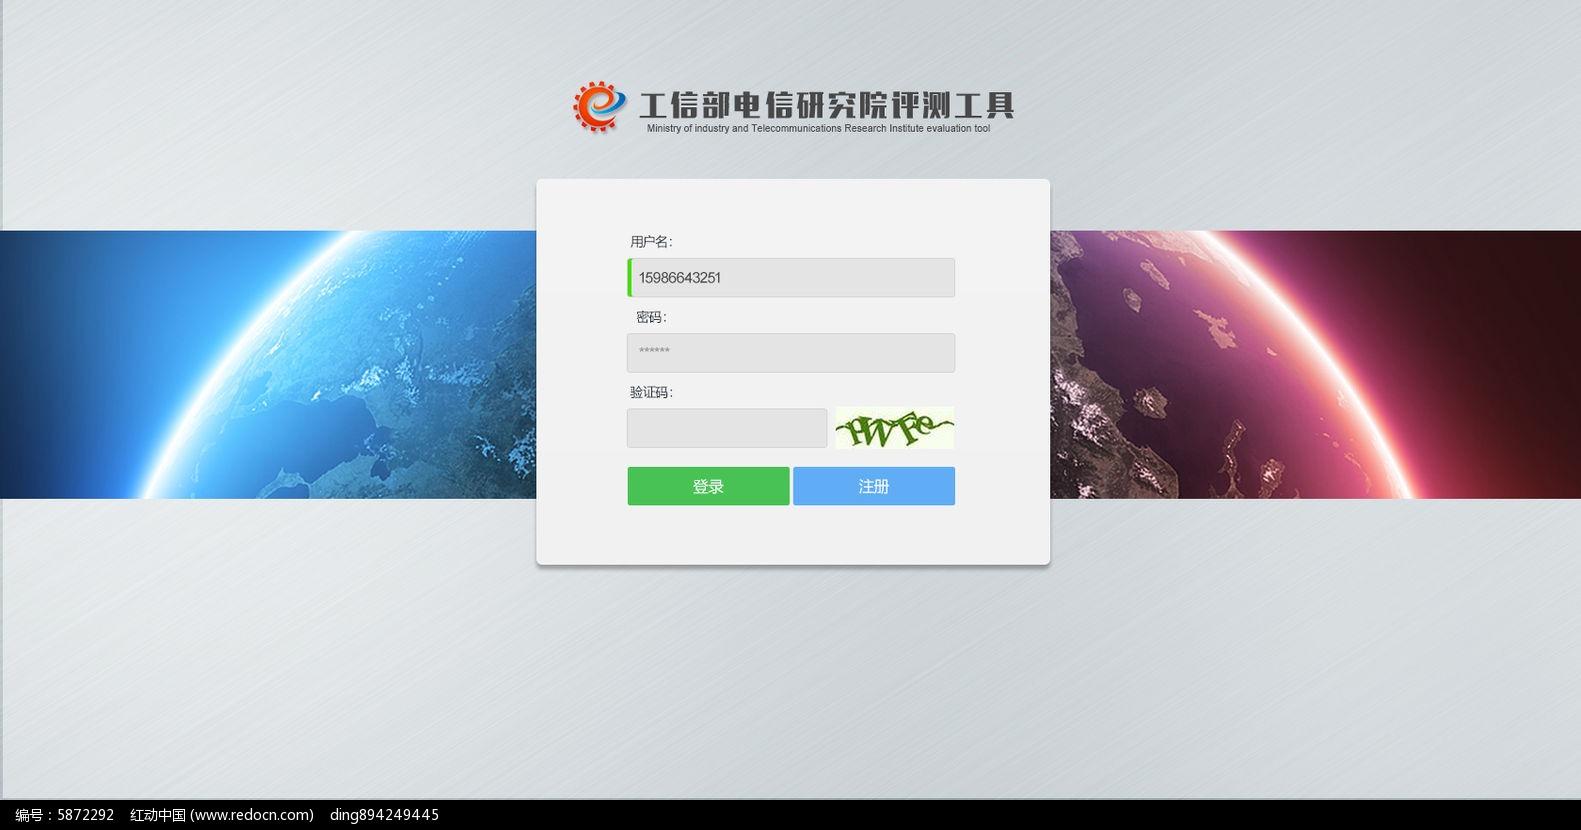 工信部评测系统登录界面psd素材下载_ui设计|界面设计